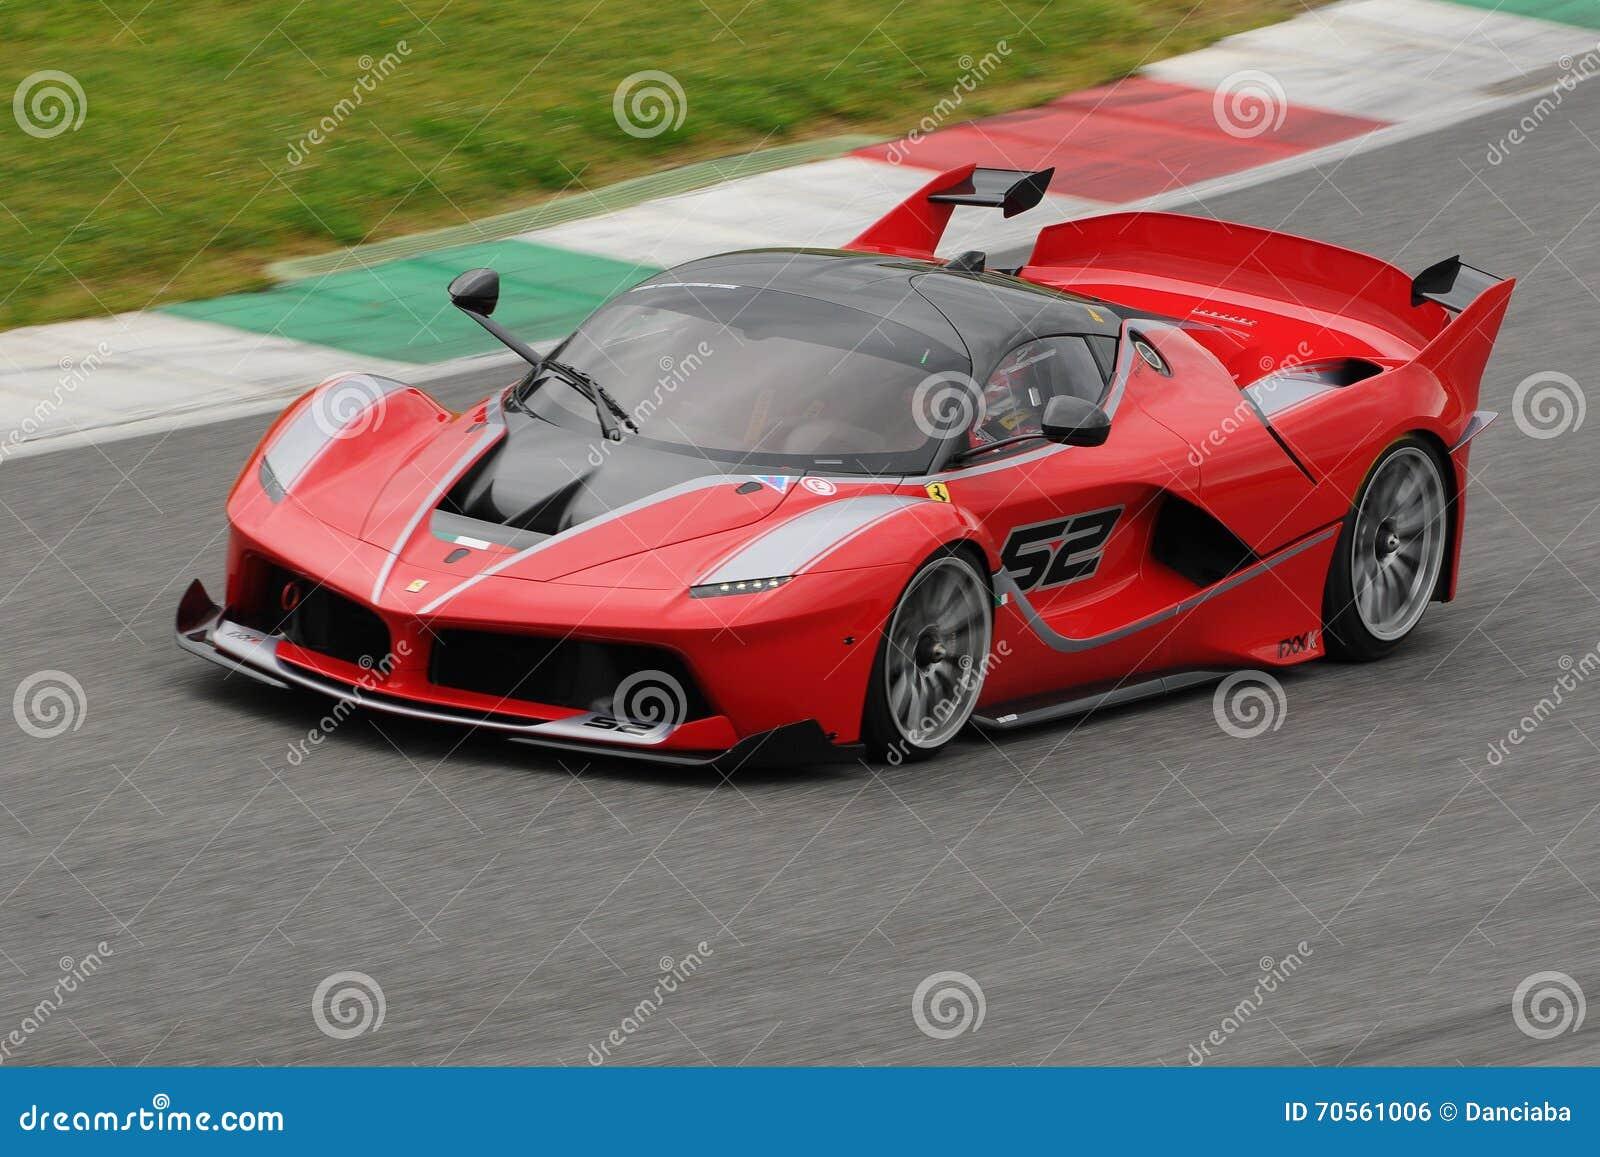 Circuito Del Mugello : Ferrari fxx k test al mugello 2016 editorial photo image of